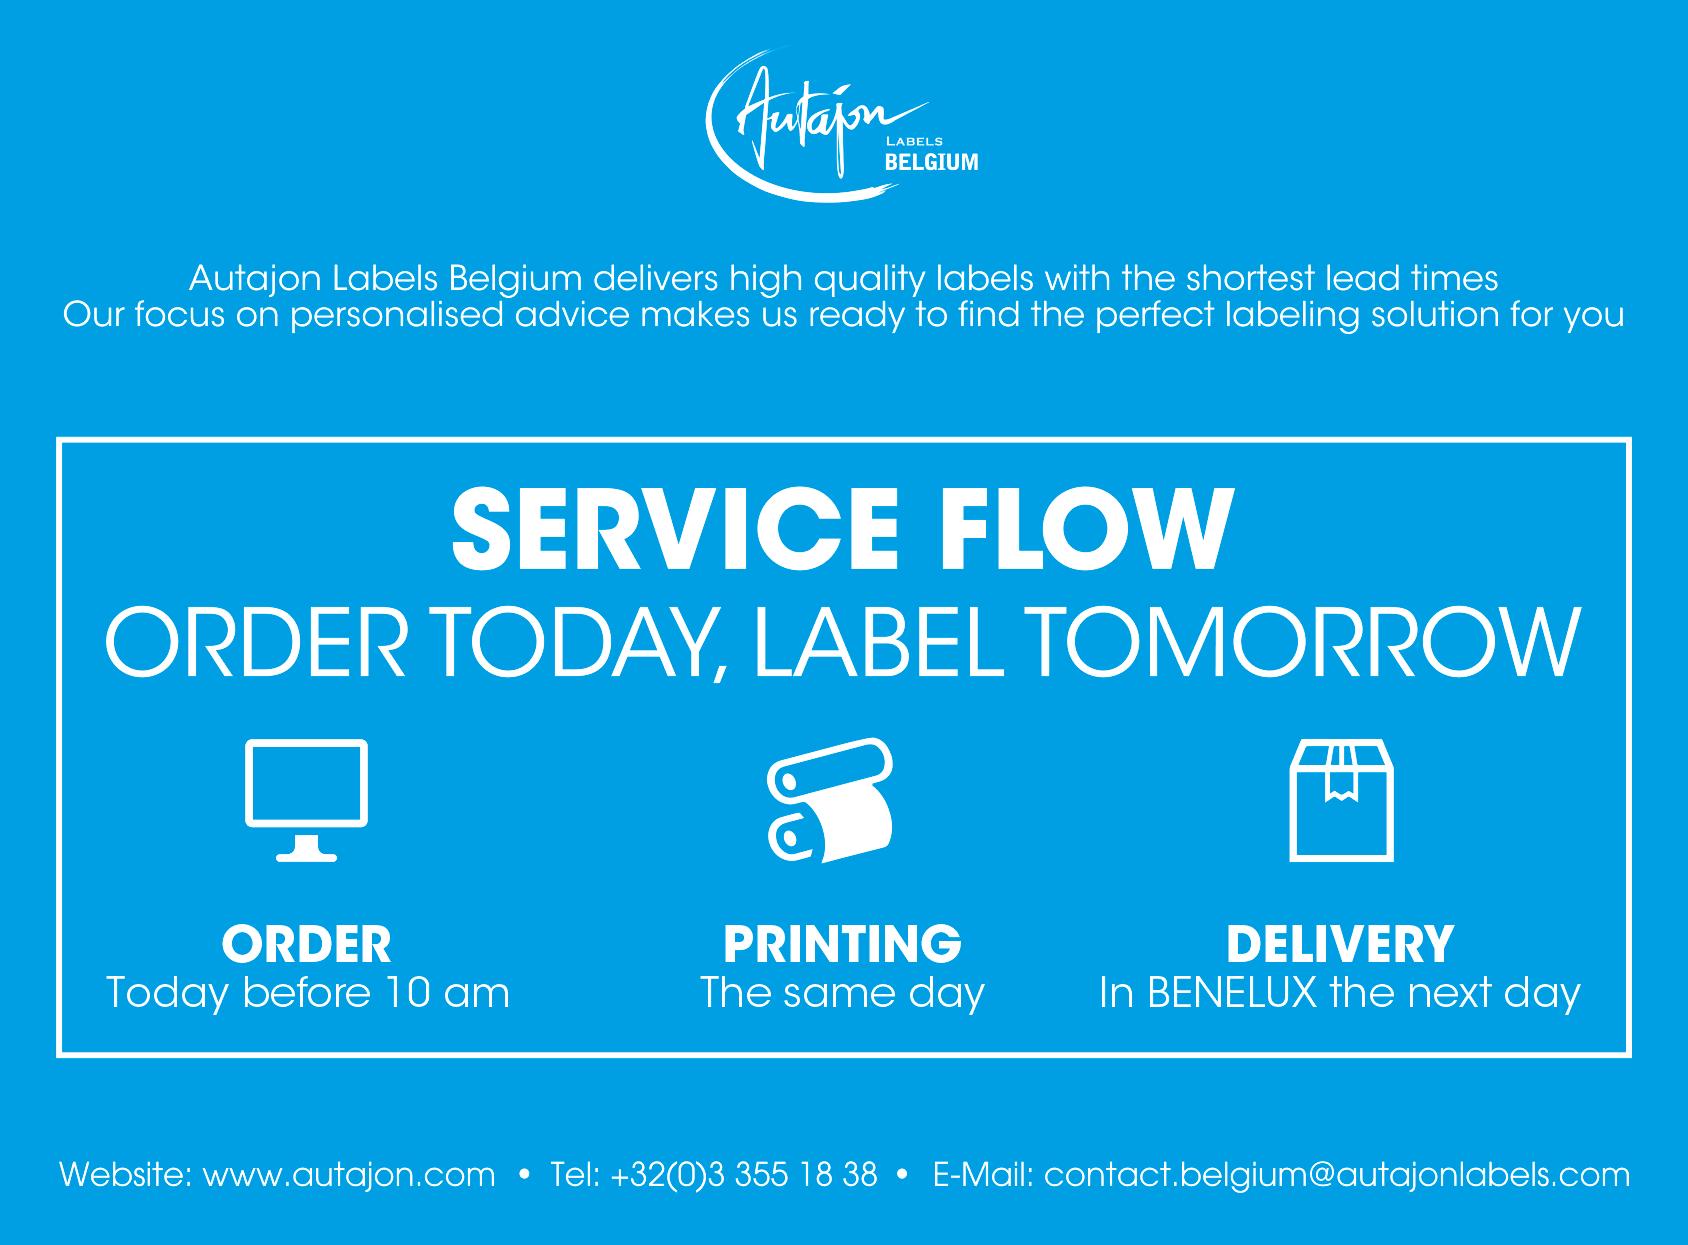 Service flow livraison 24h